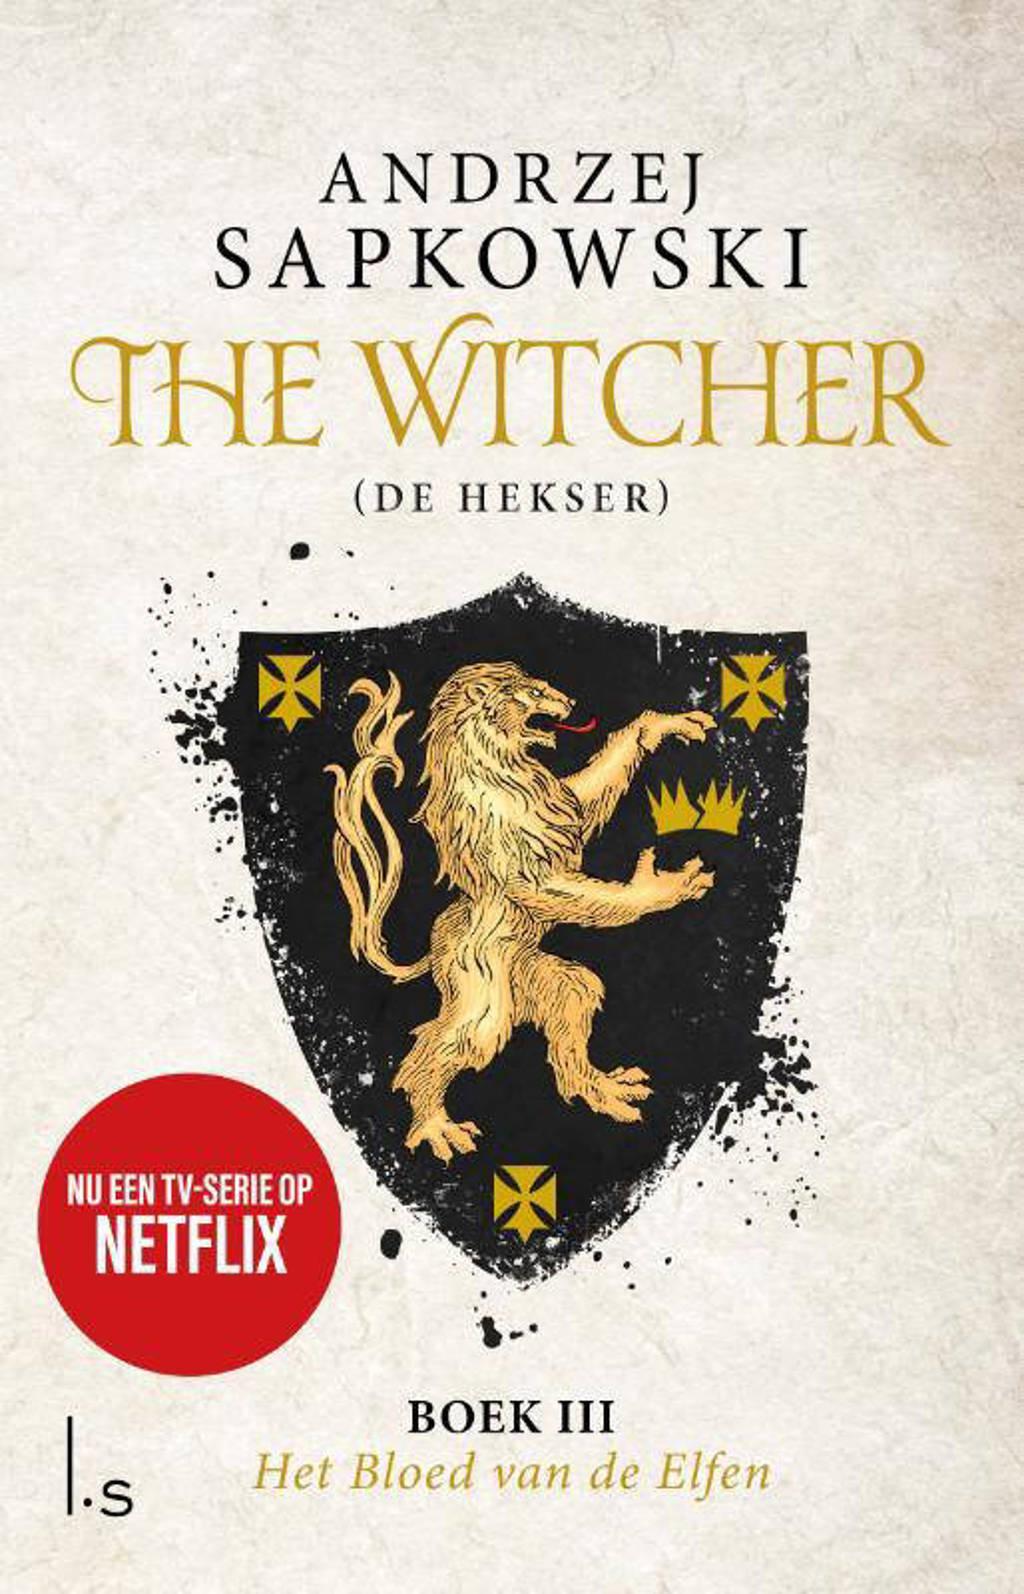 The Witcher: Het Bloed van de Elfen - Andrzej Sapkowski